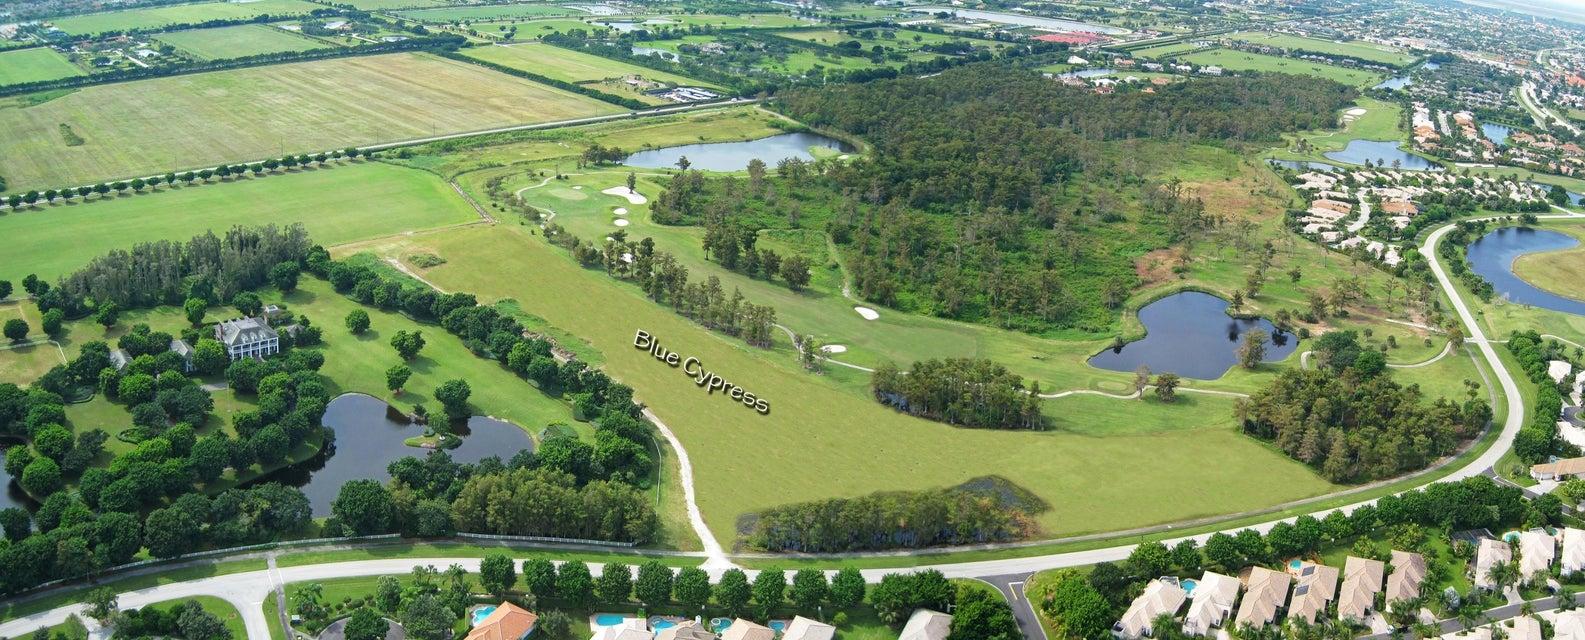 土地,用地 为 销售 在 3176 Blue Cypress Lane 3176 Blue Cypress Lane 惠灵顿, 佛罗里达州 33414 美国